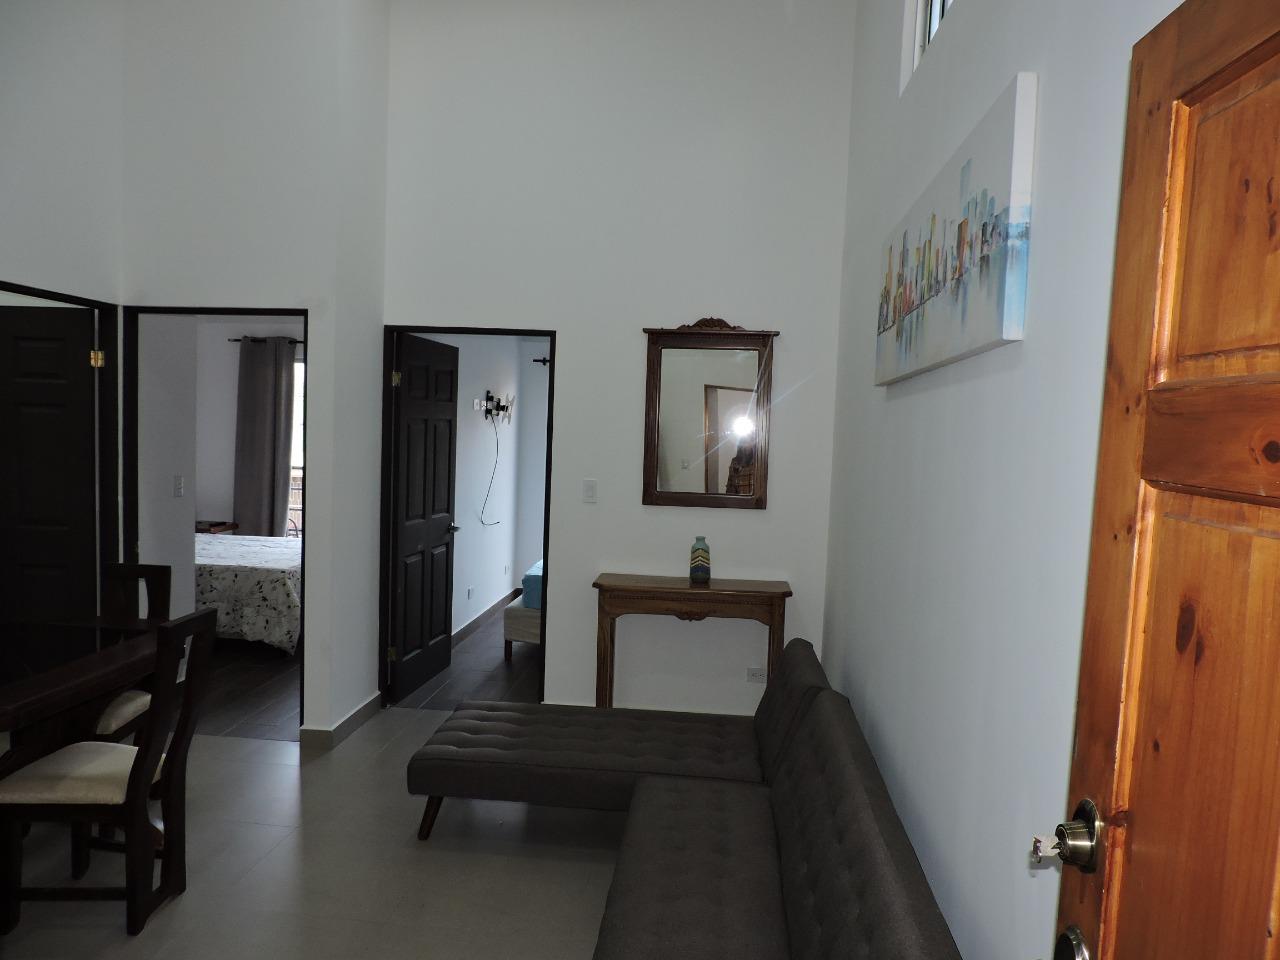 2081 Se alquila apartamento nuevo con o sin muebles  a 500 Metros del Parque La Sabana